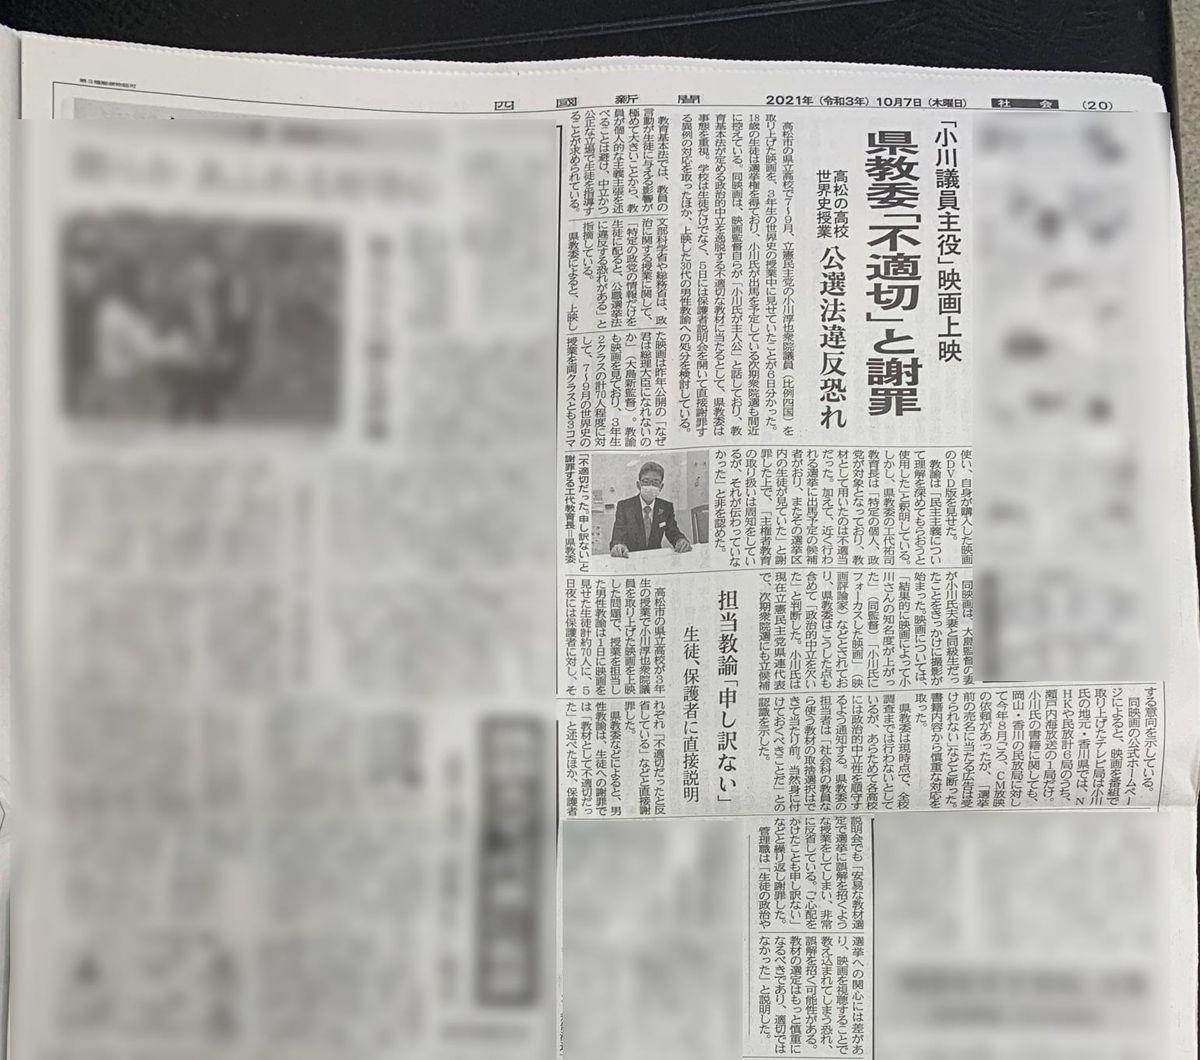 小川淳也ドキュメンタリー映画が香川県立高校で上映され政治的中立性違反か